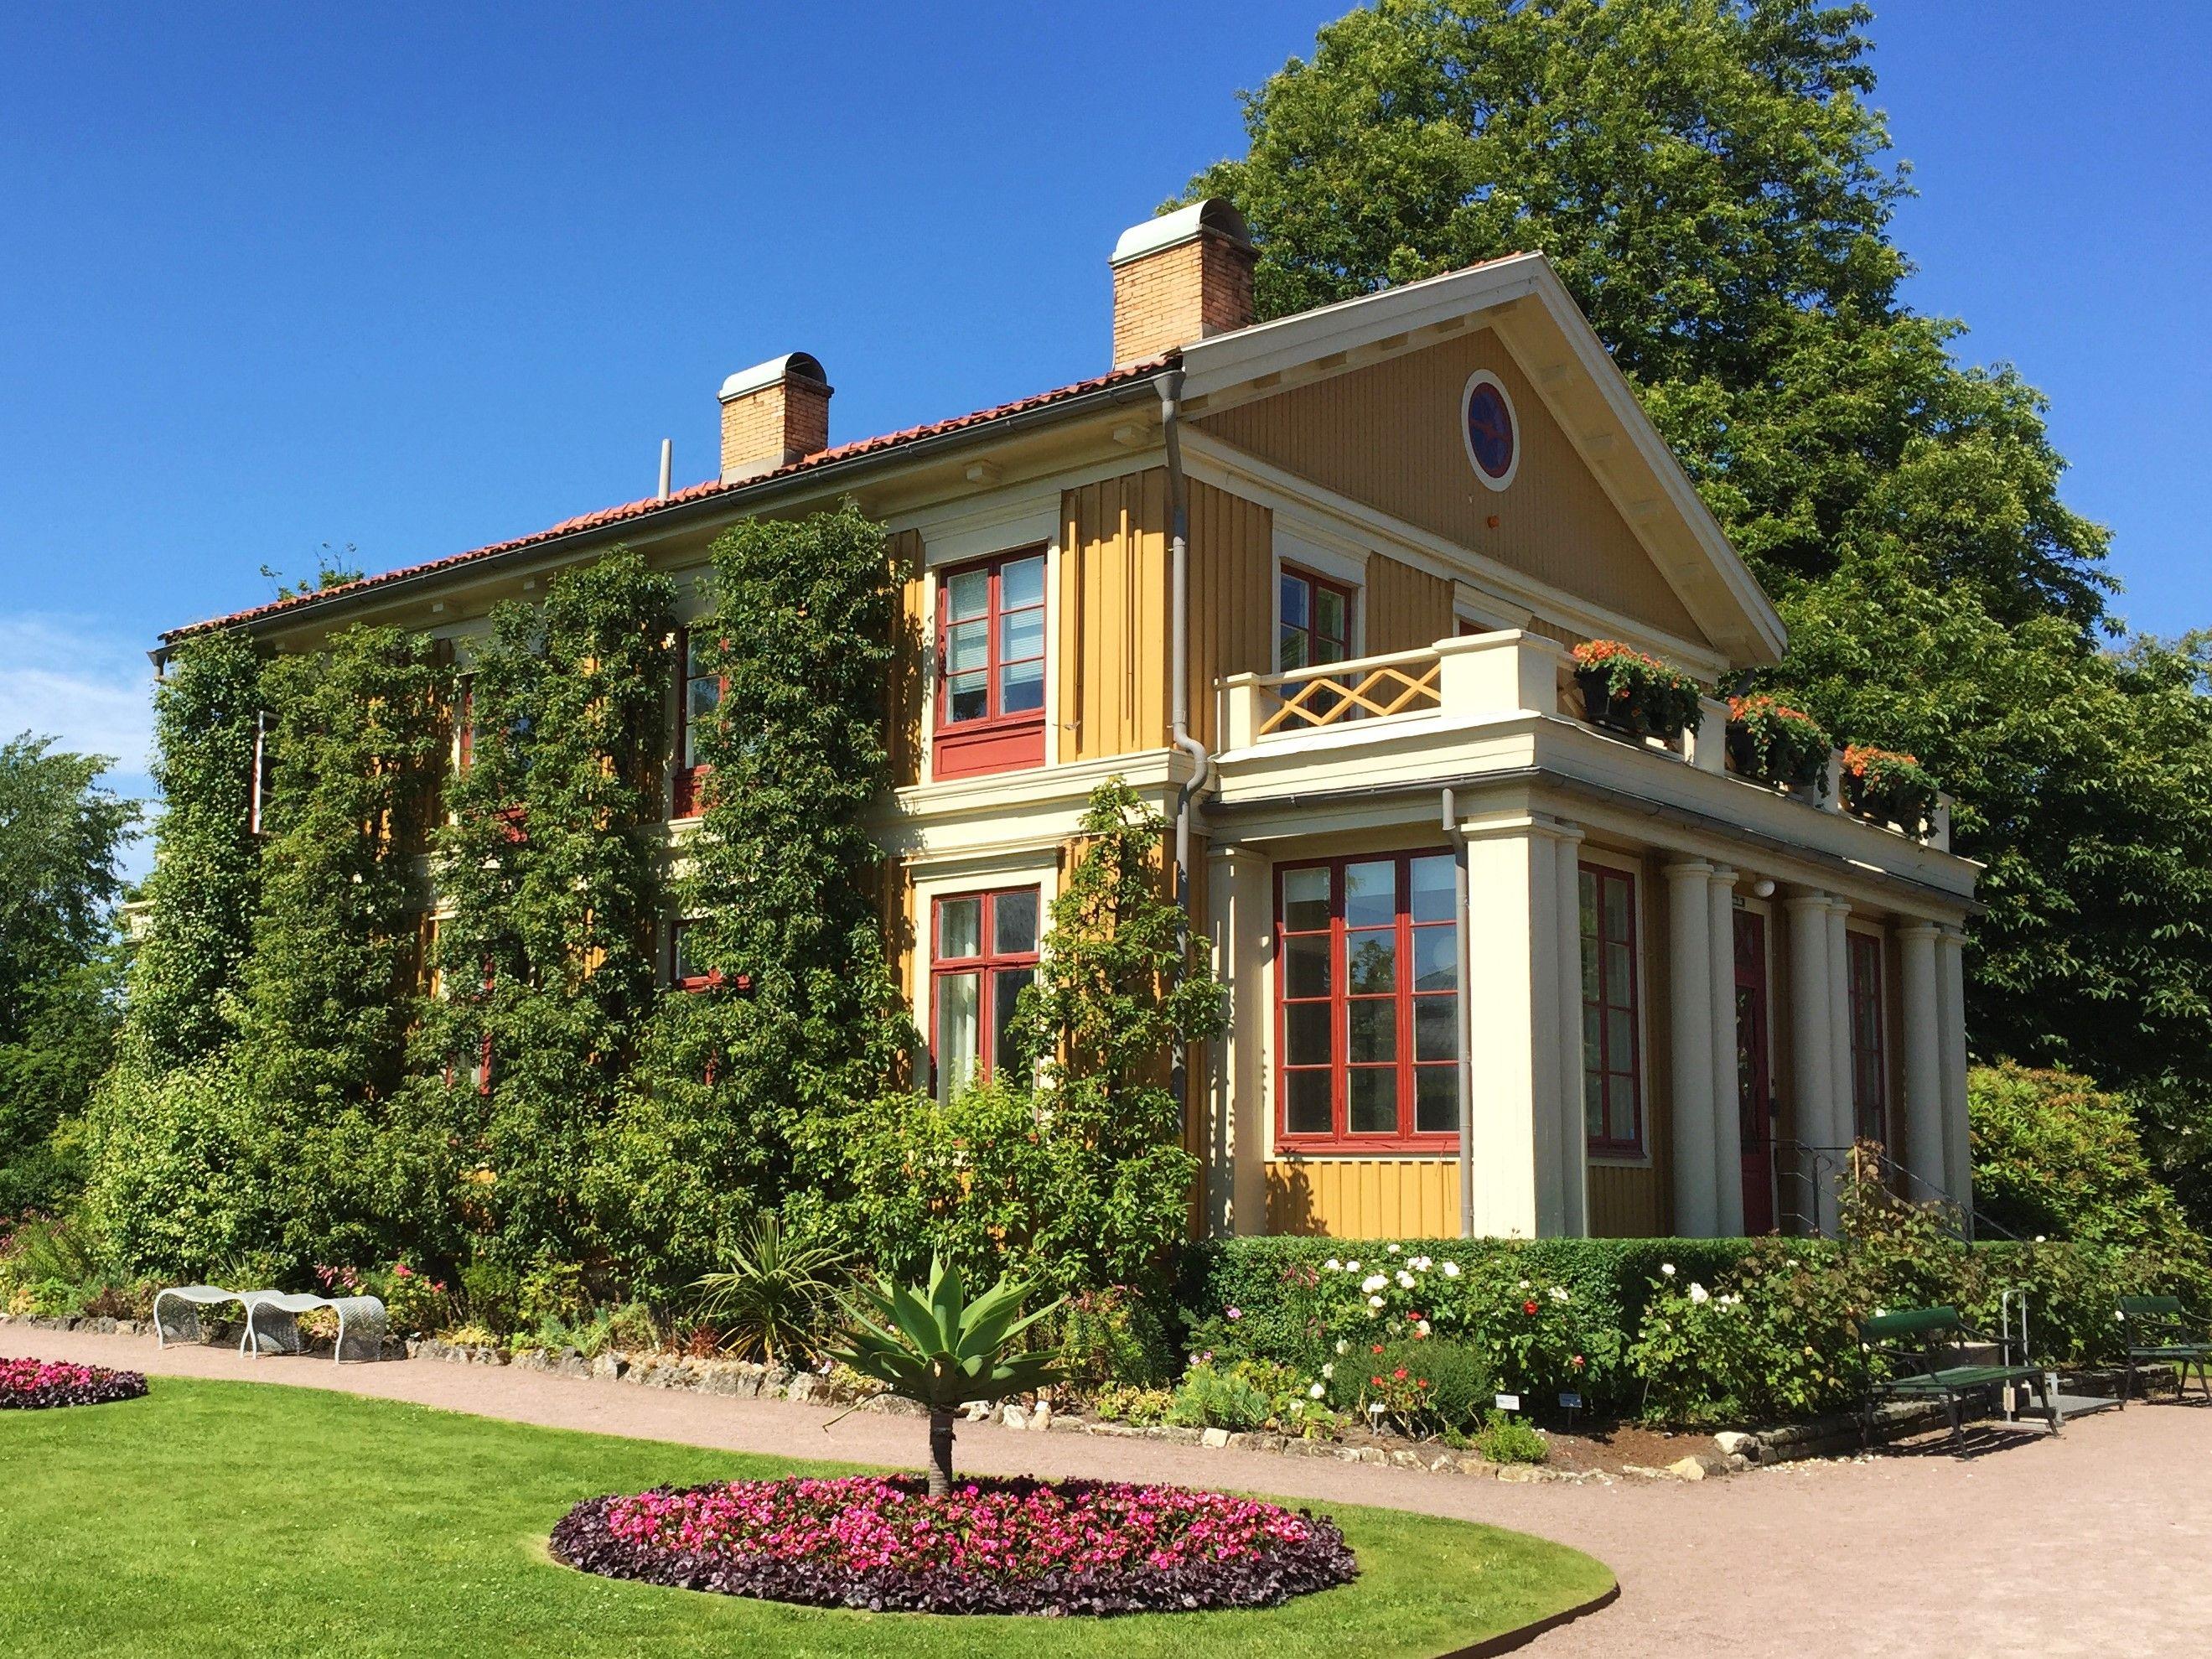 villa i göteborg